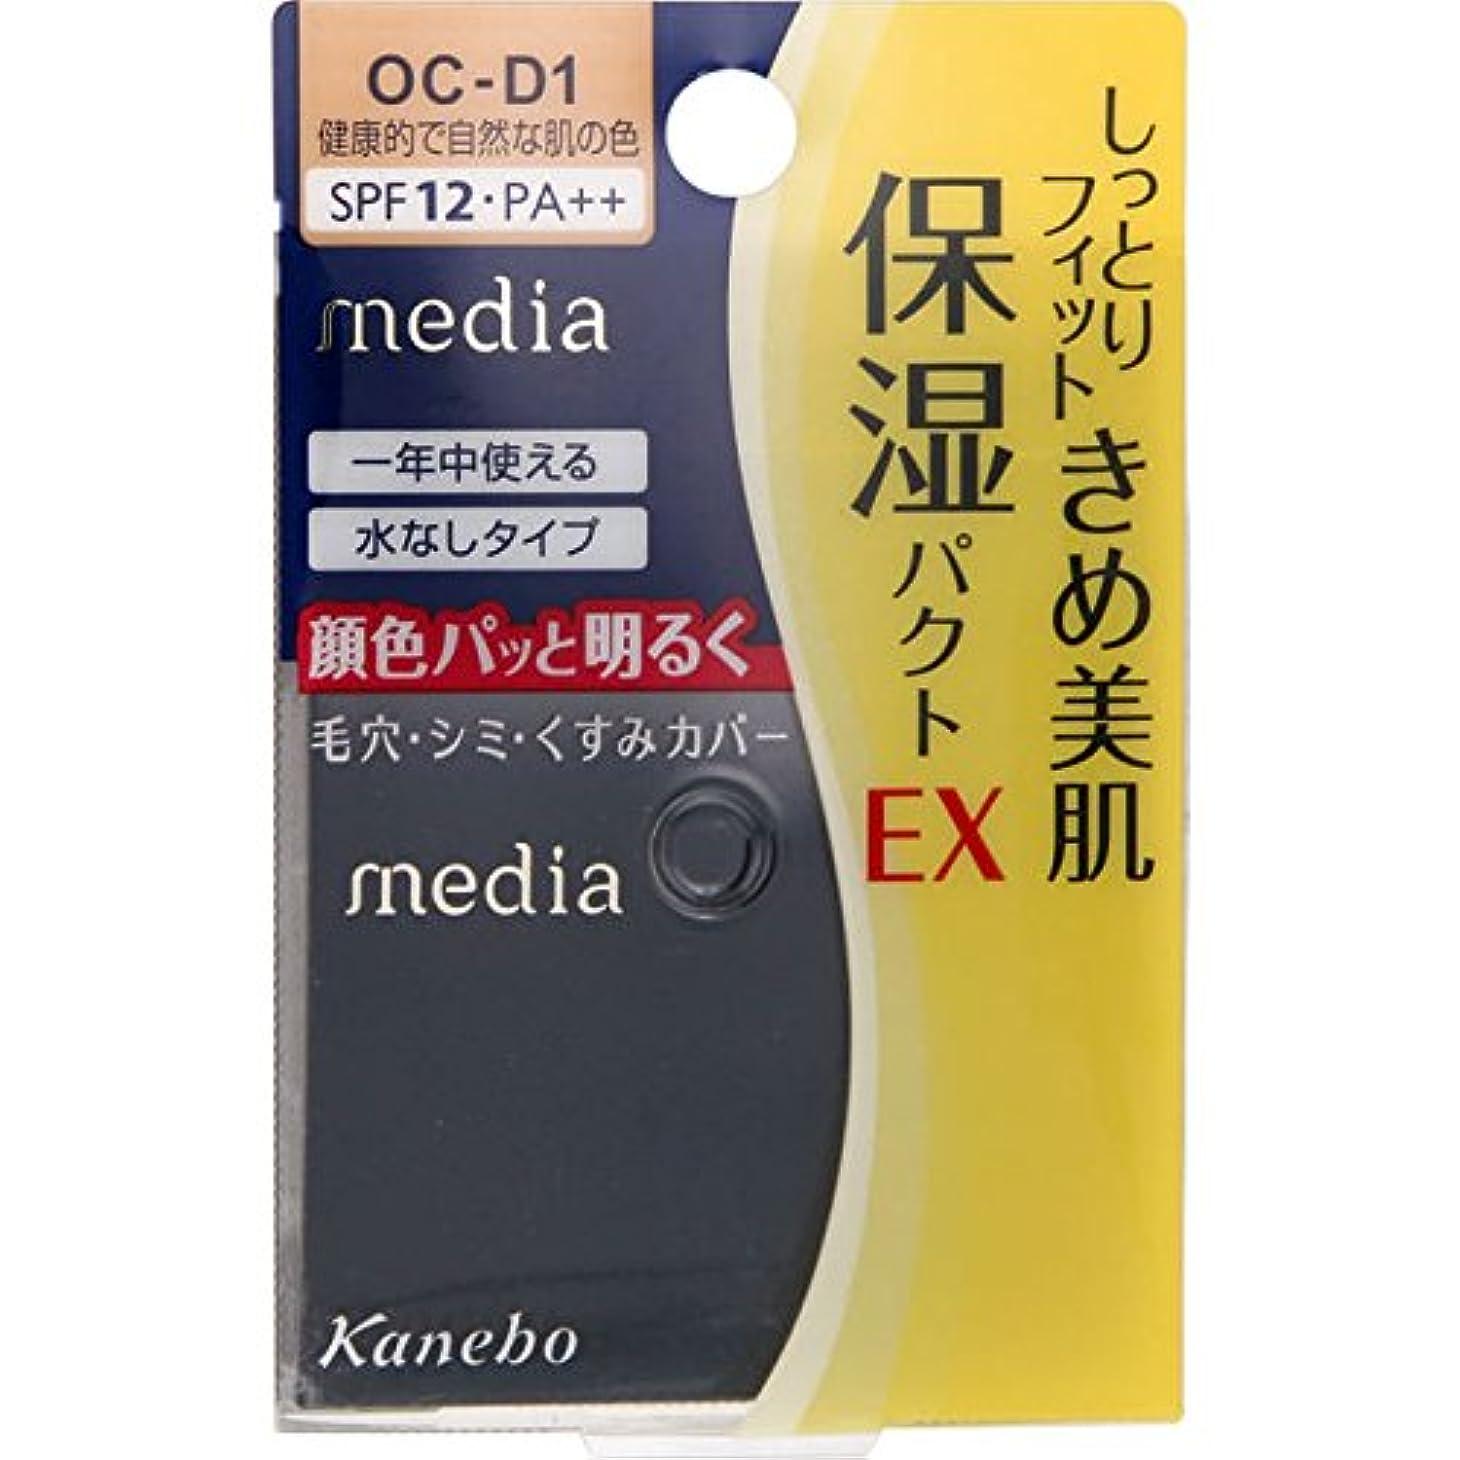 練るオセアニア要旨カネボウ メディア モイストフィットパクトEX OC-D1(11g)